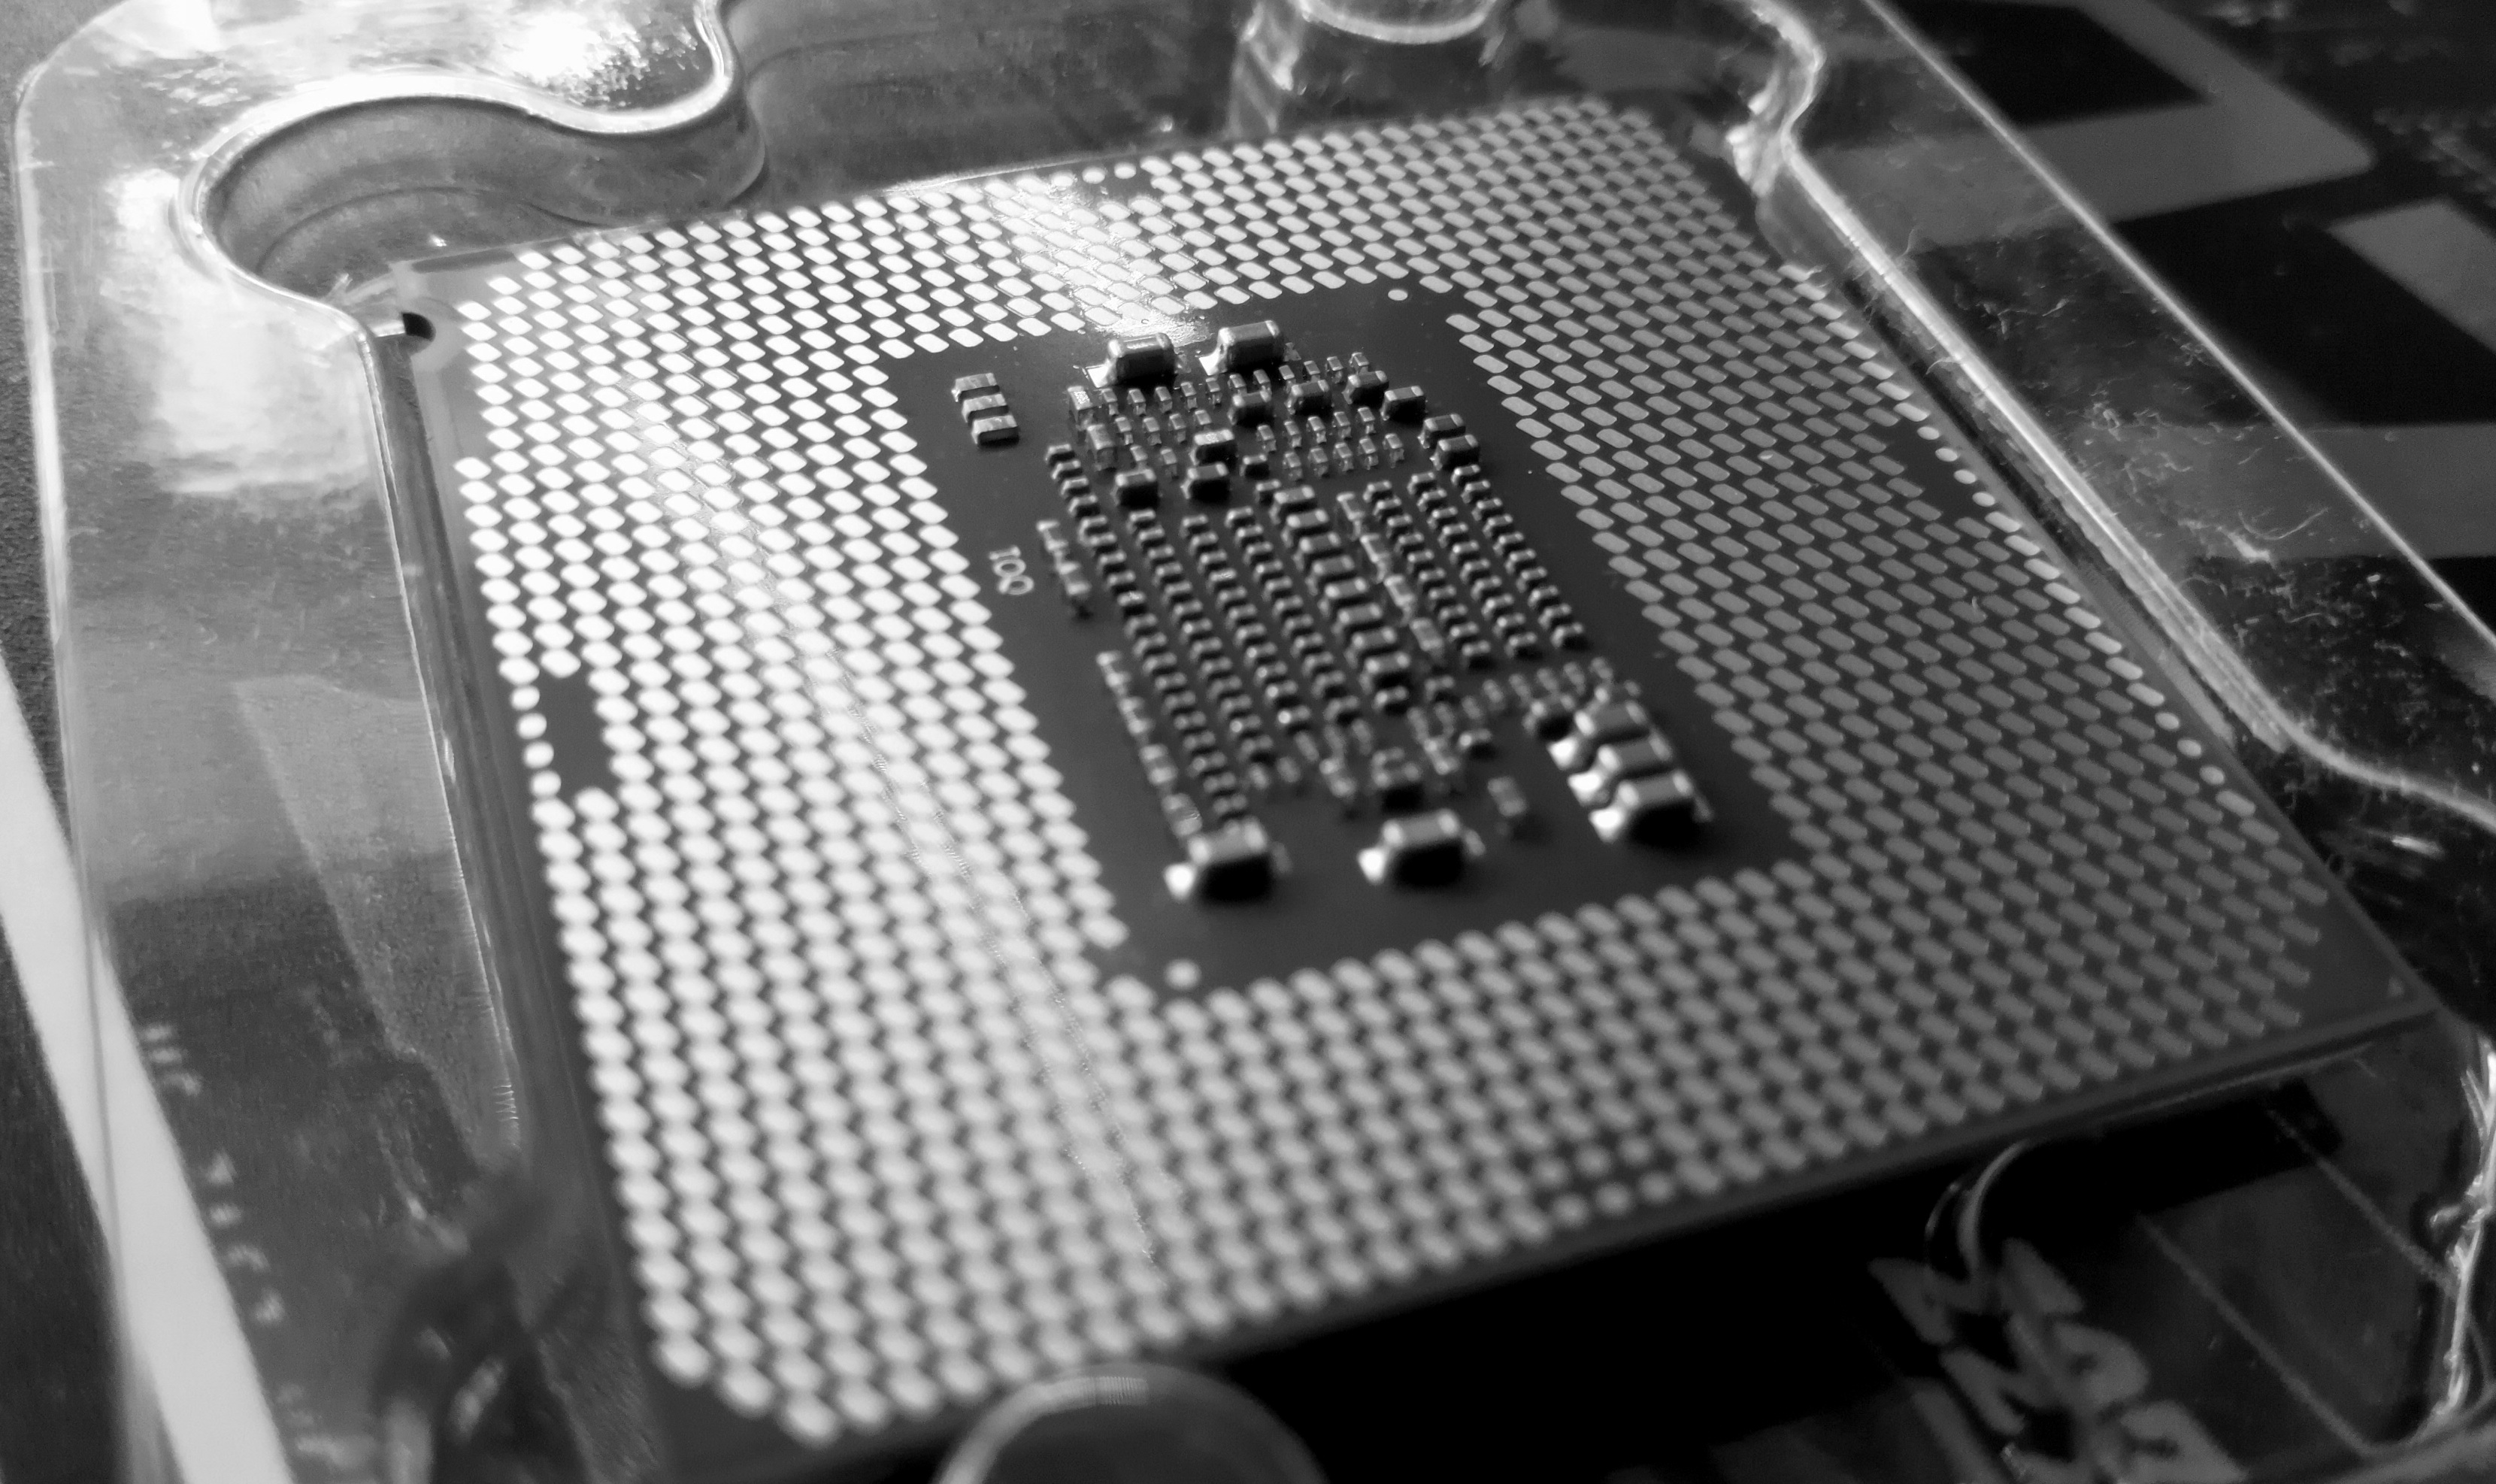 Best CPUs for Gaming: Q1 2019